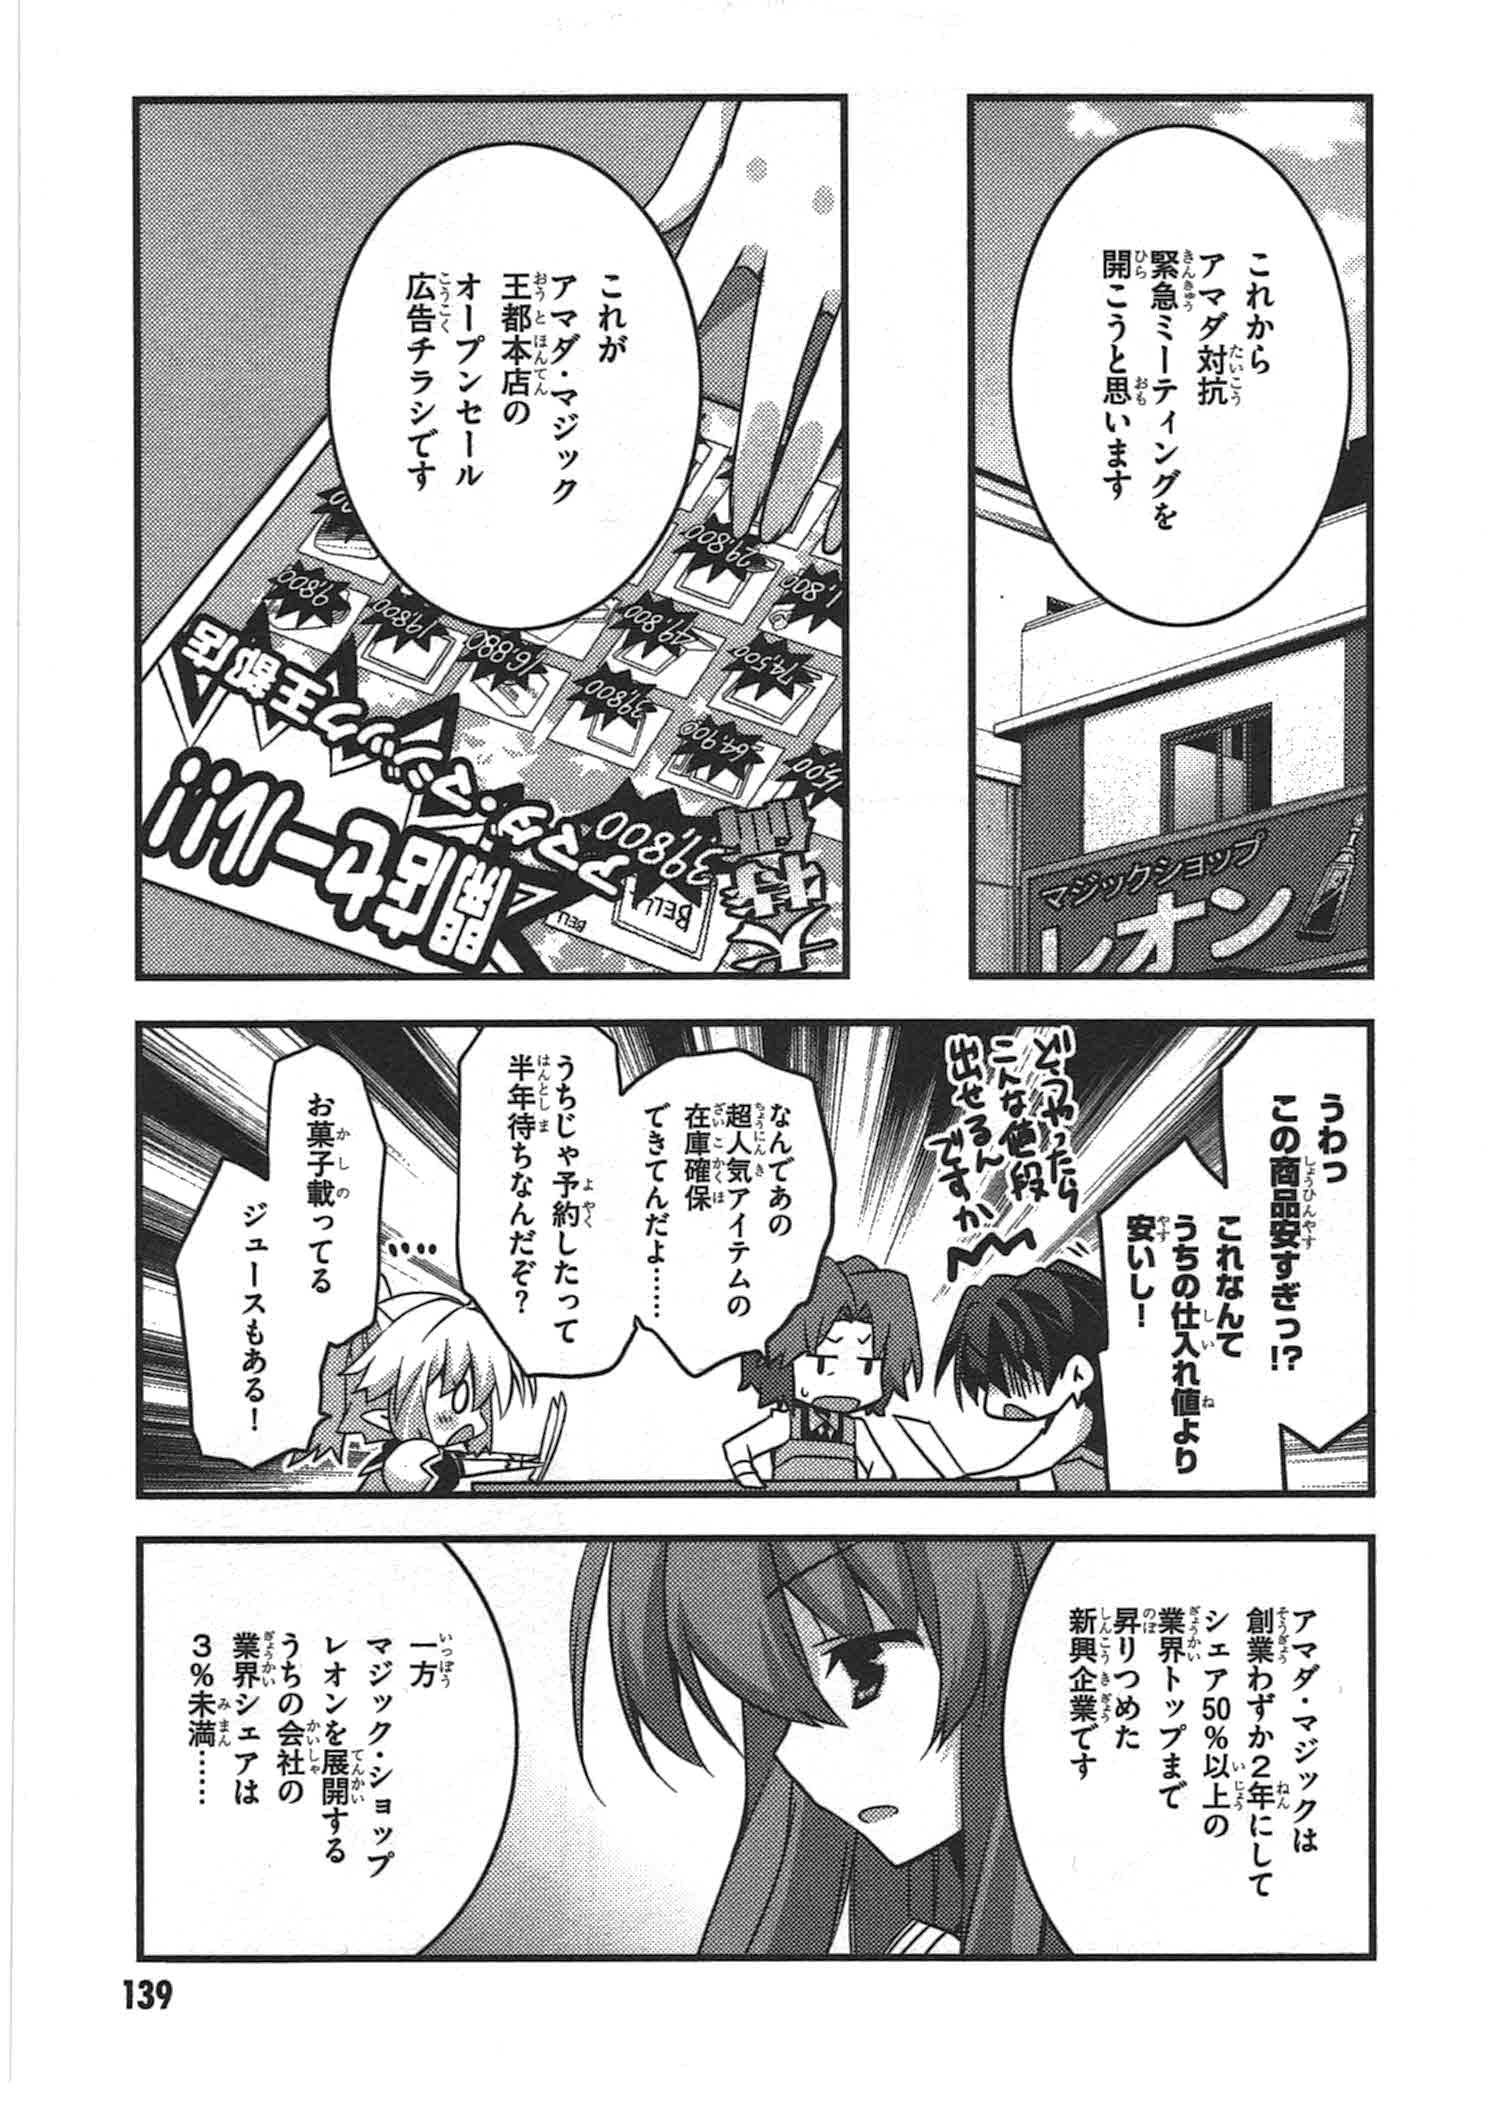 Yuusha ni Narenakatta Ore wa Shibushibu Shuushoku o Ketsuishimashita. - Raw Chapter 8 - LHScan.net